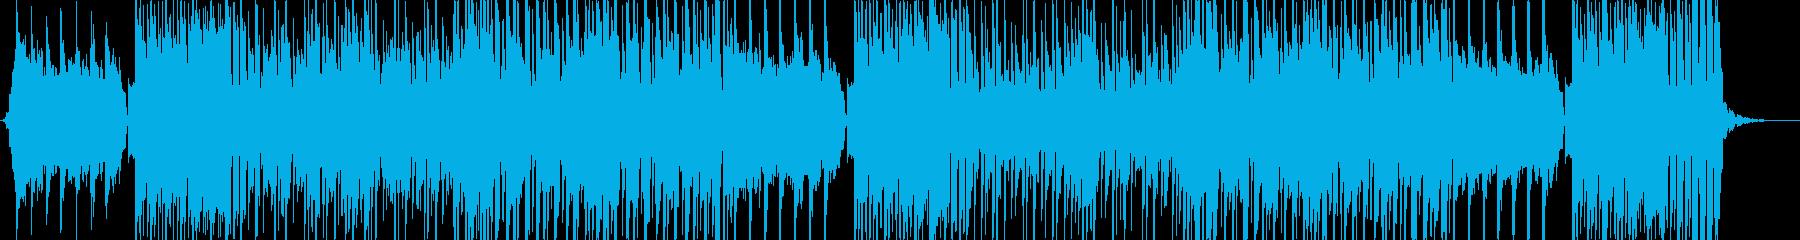 おしゃれでエモいFuture Bass2の再生済みの波形